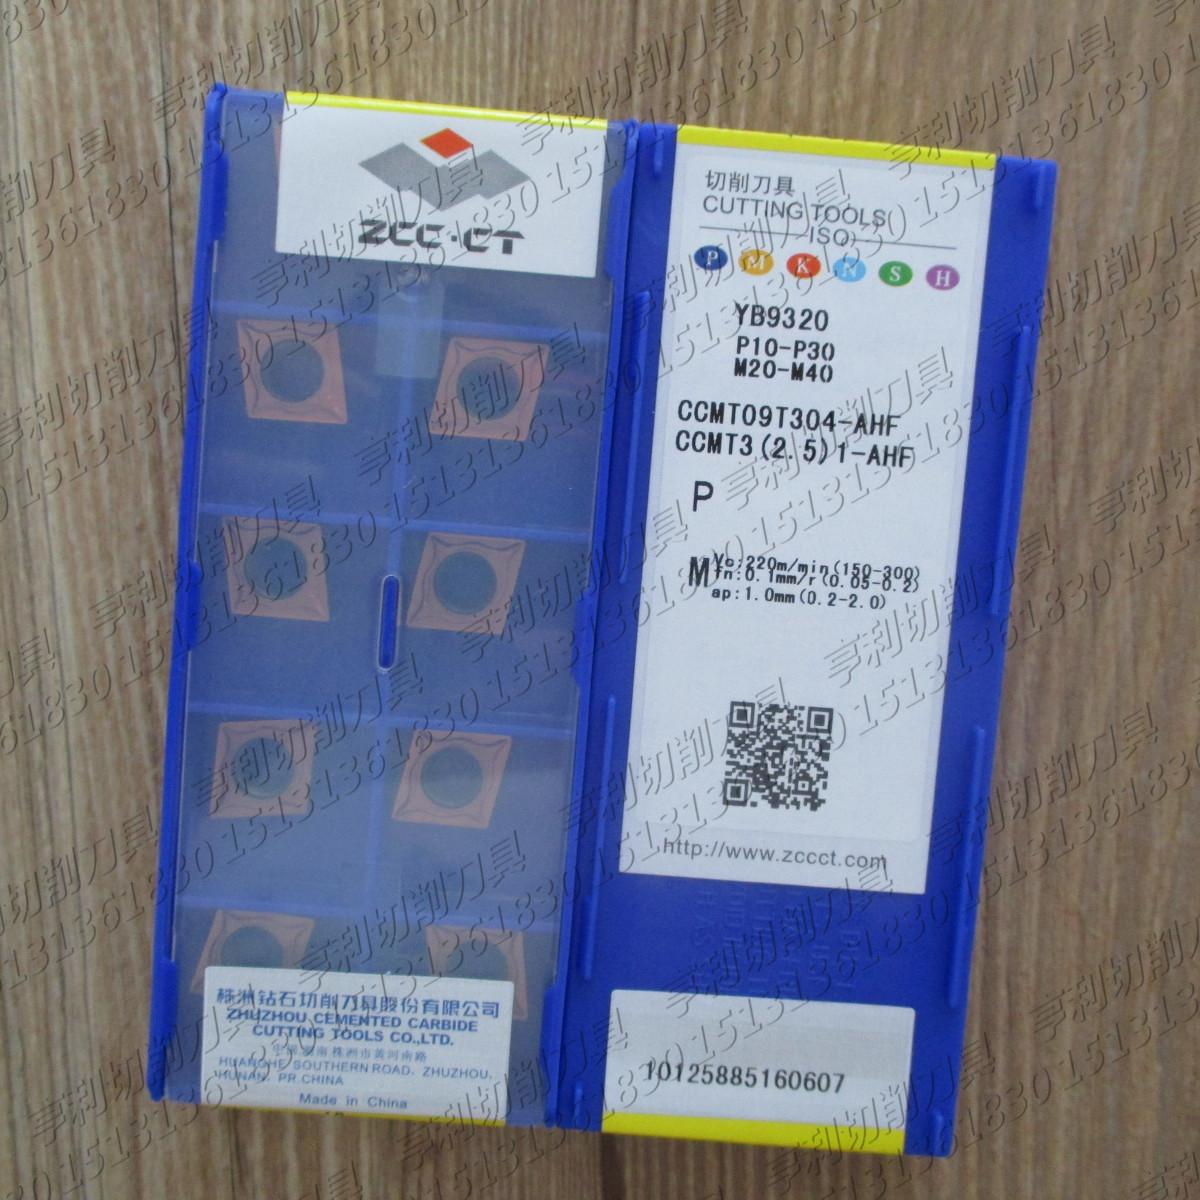 原装正品株洲钻石数控刀片CCMT09T304-AHF  YB9320 特价批发销售